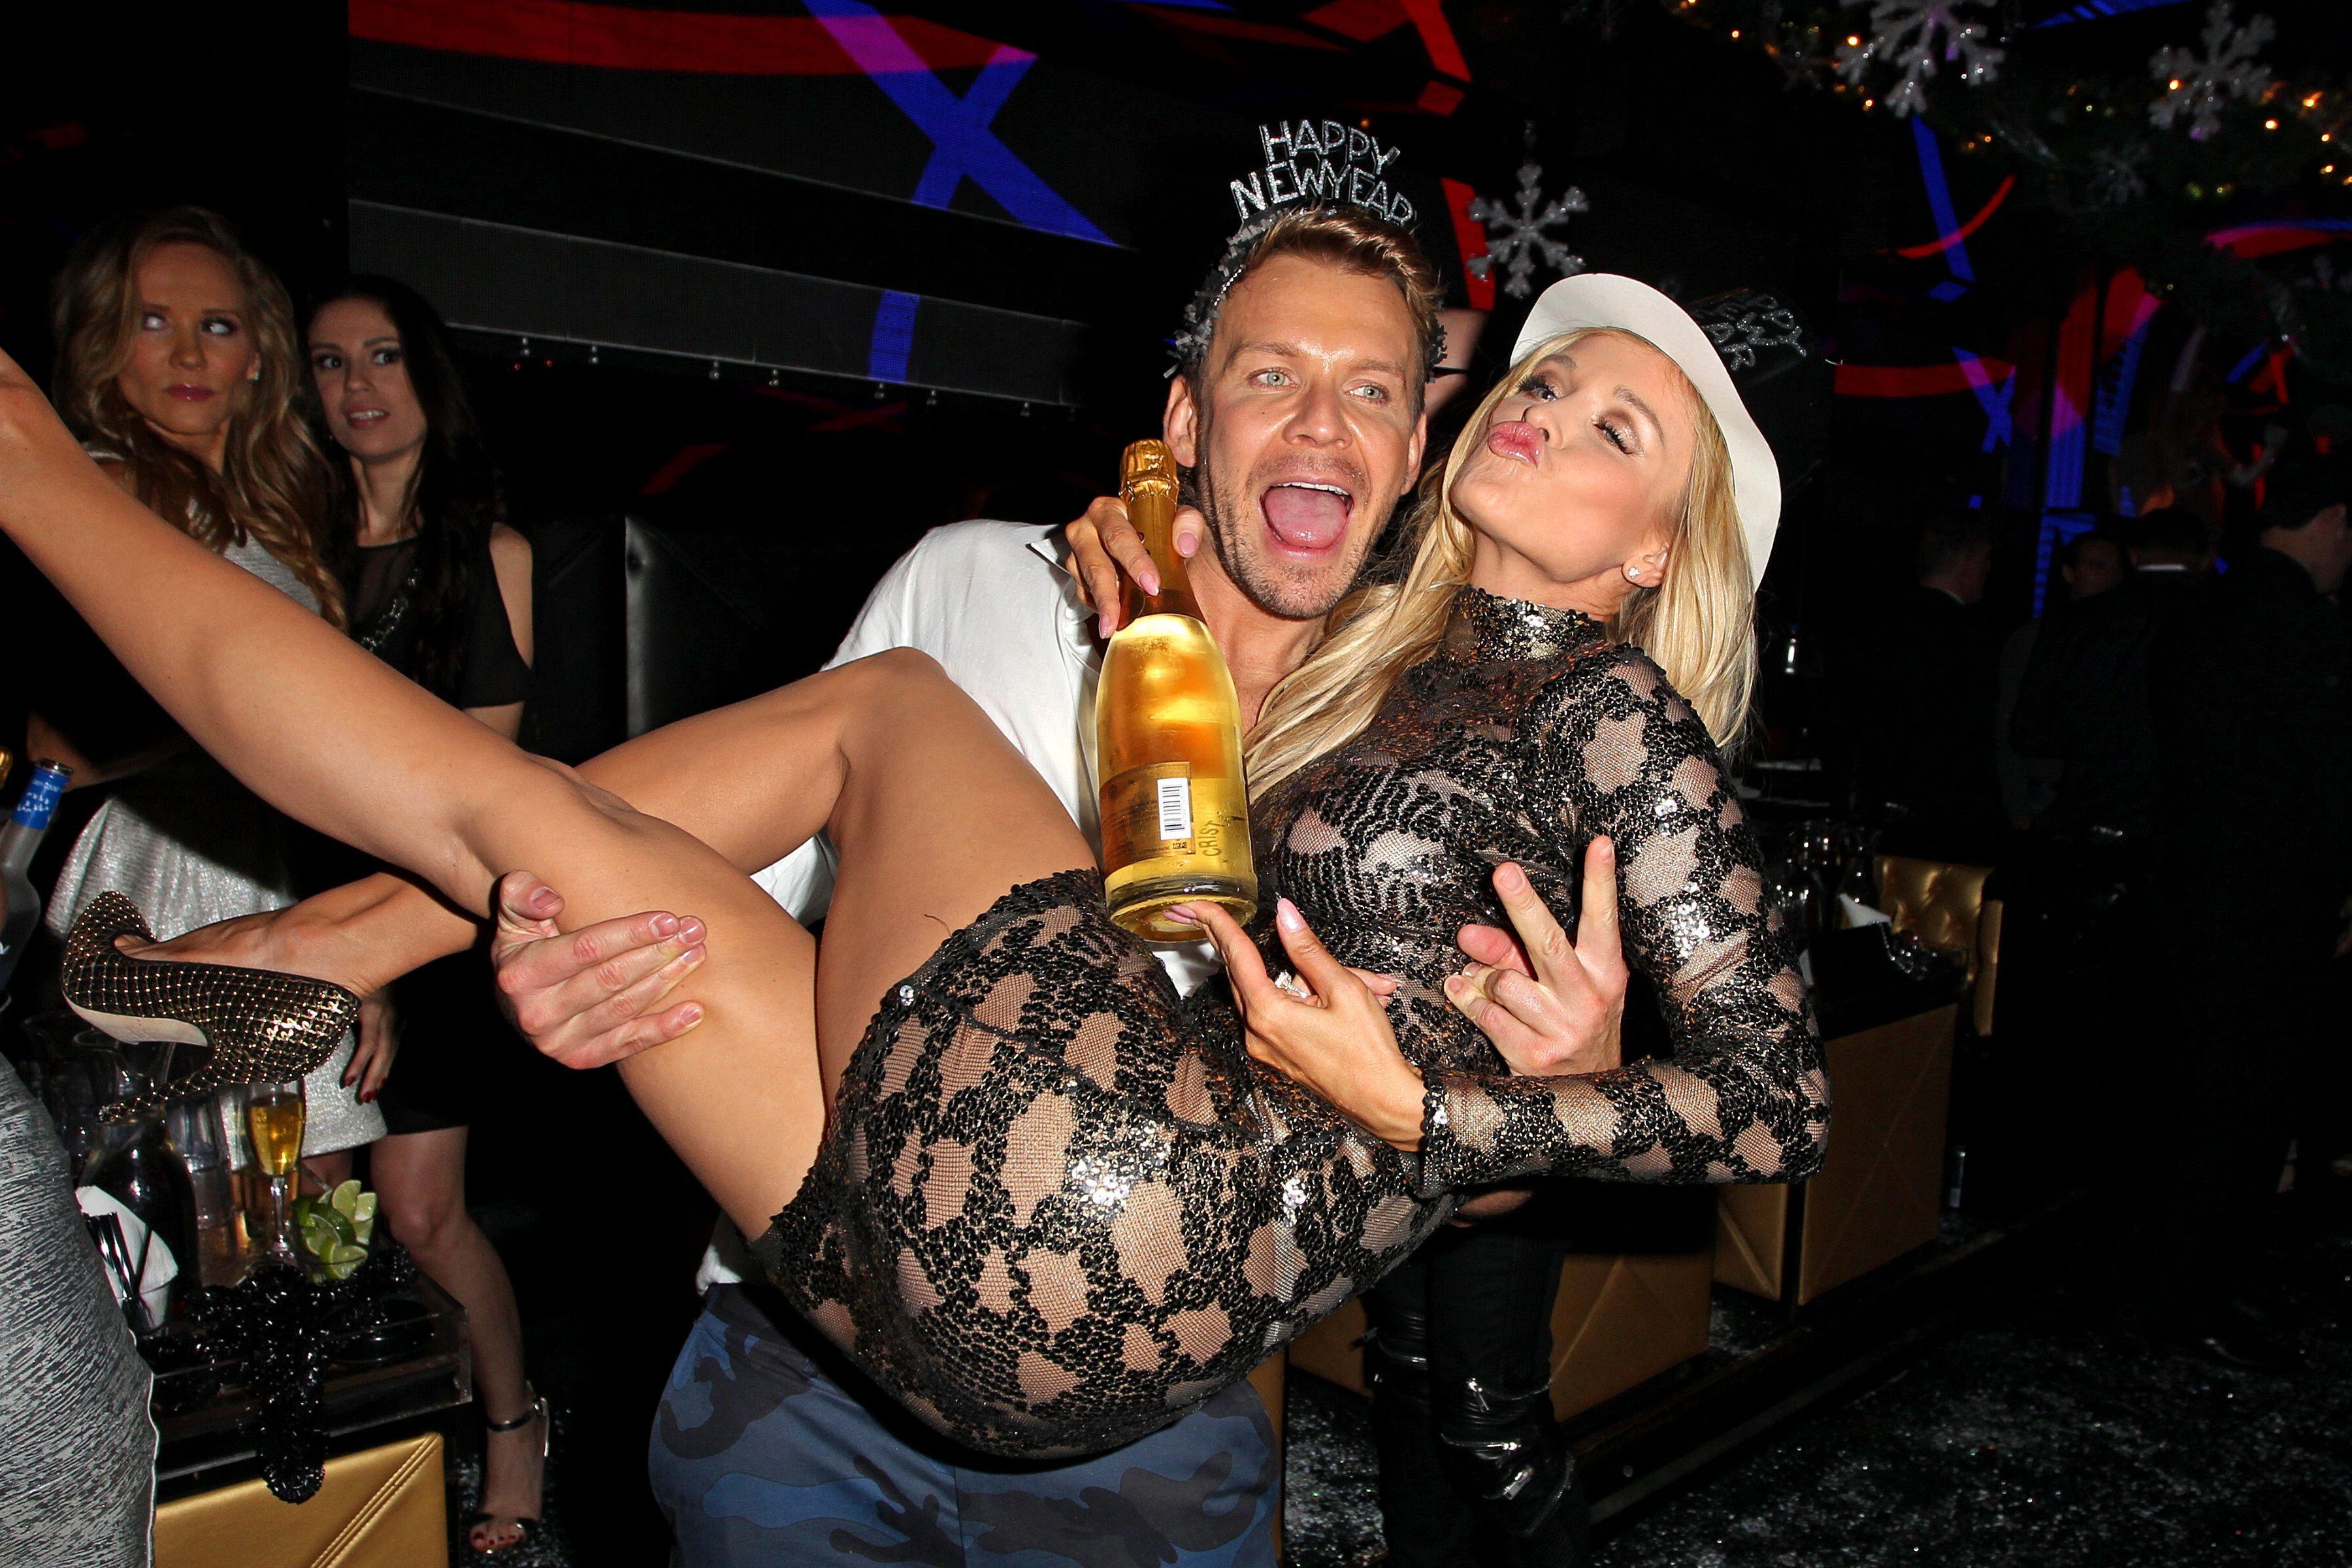 смотреть пьяные оргии в ночных клубах